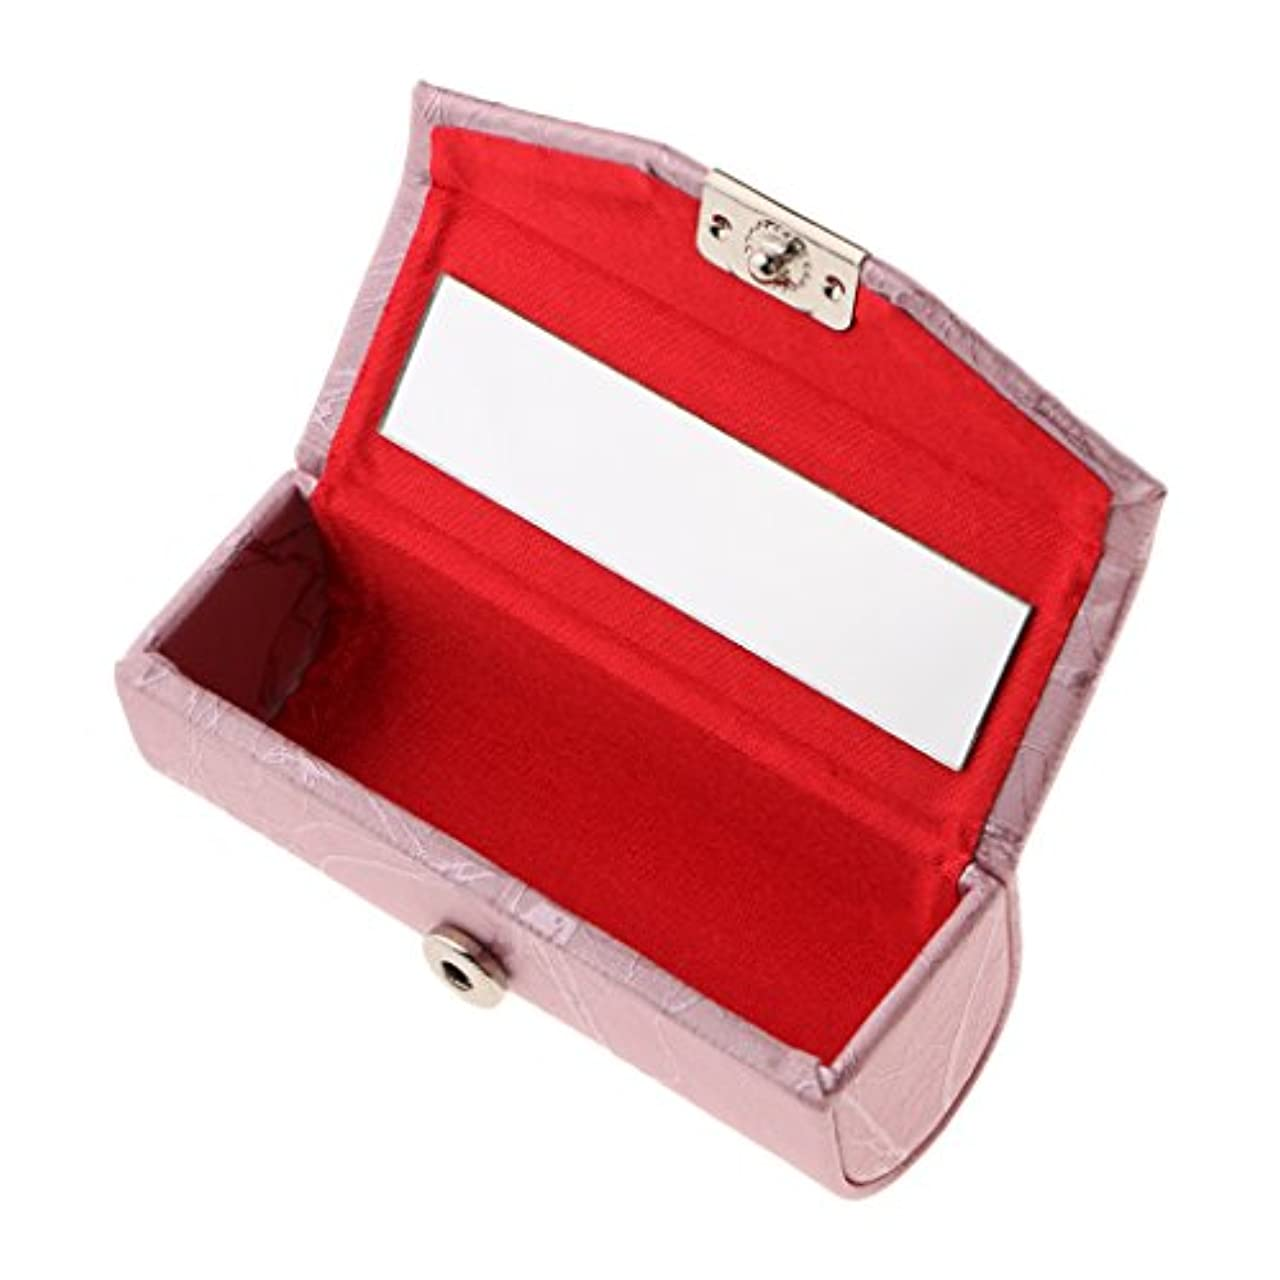 フォアマンファン計算するリップスティックリップクリームグロスケースオーガナイザーバッグ財布 - 口紅ホルダー - ミラー付き耐久性のあるソフトレザー - ピンク